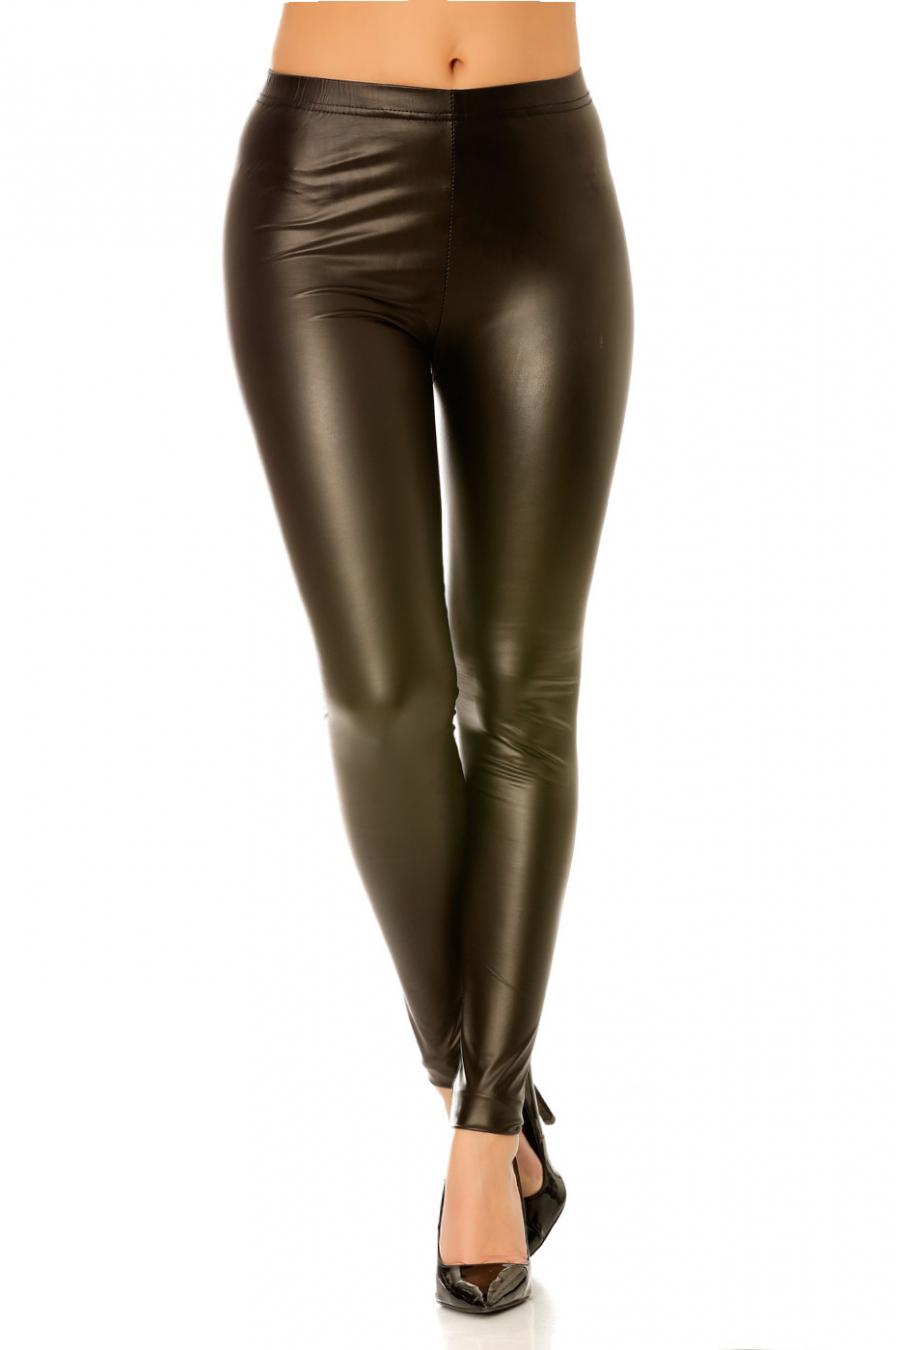 Zwarte imitatieleren legging met lage taille. 9909